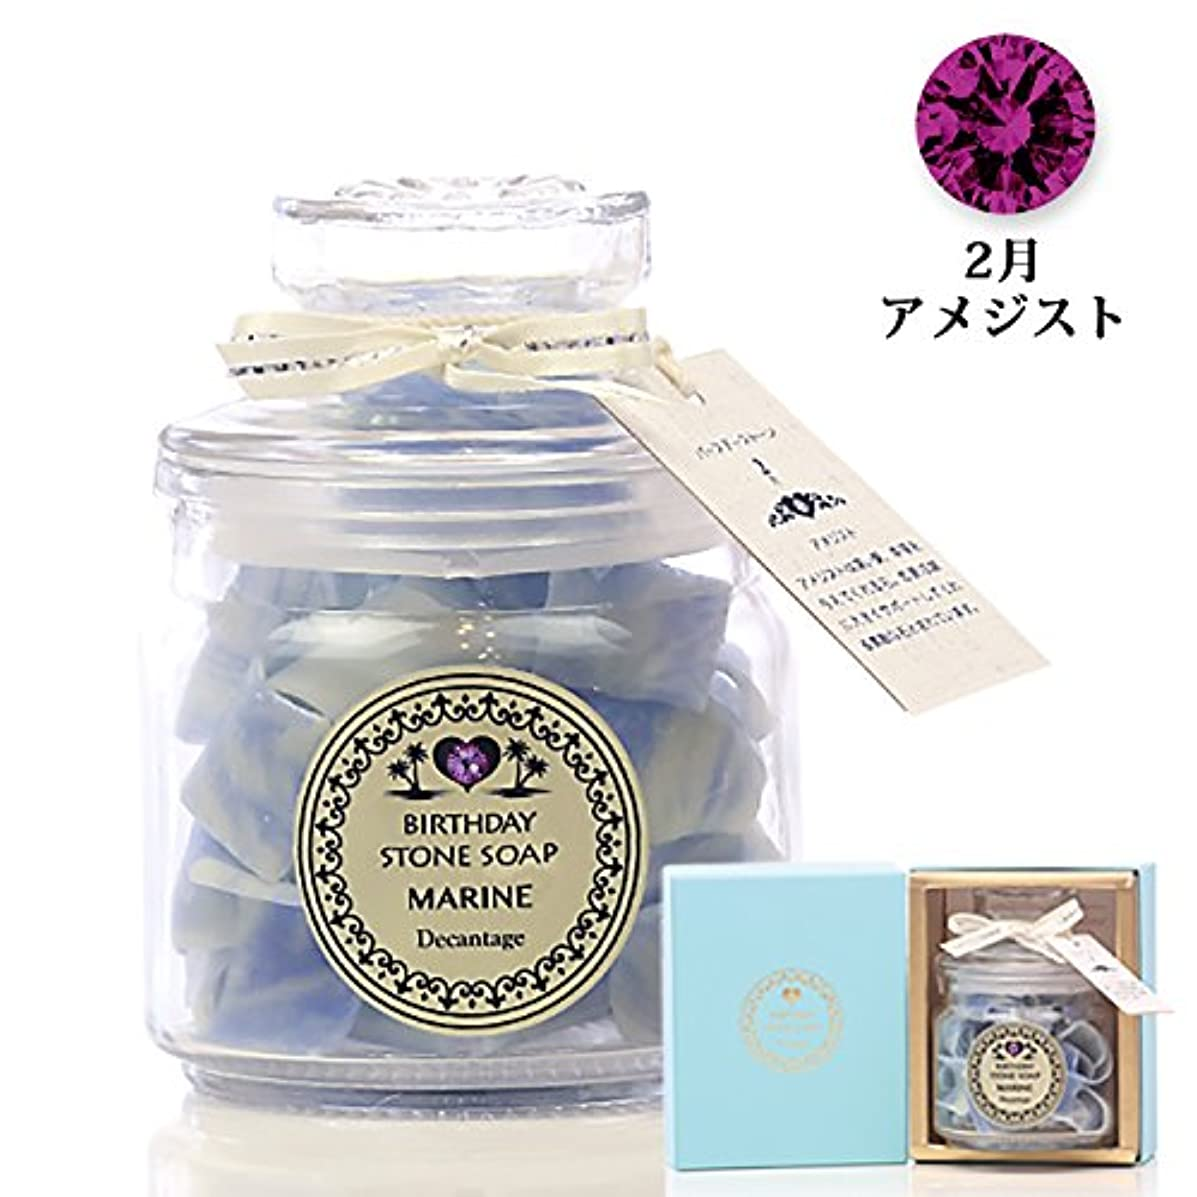 直接撤回する流行している誕生月で選べる「バースデーストーンソープ マリン」2月誕生石(アメジスト)プルメリアの香り